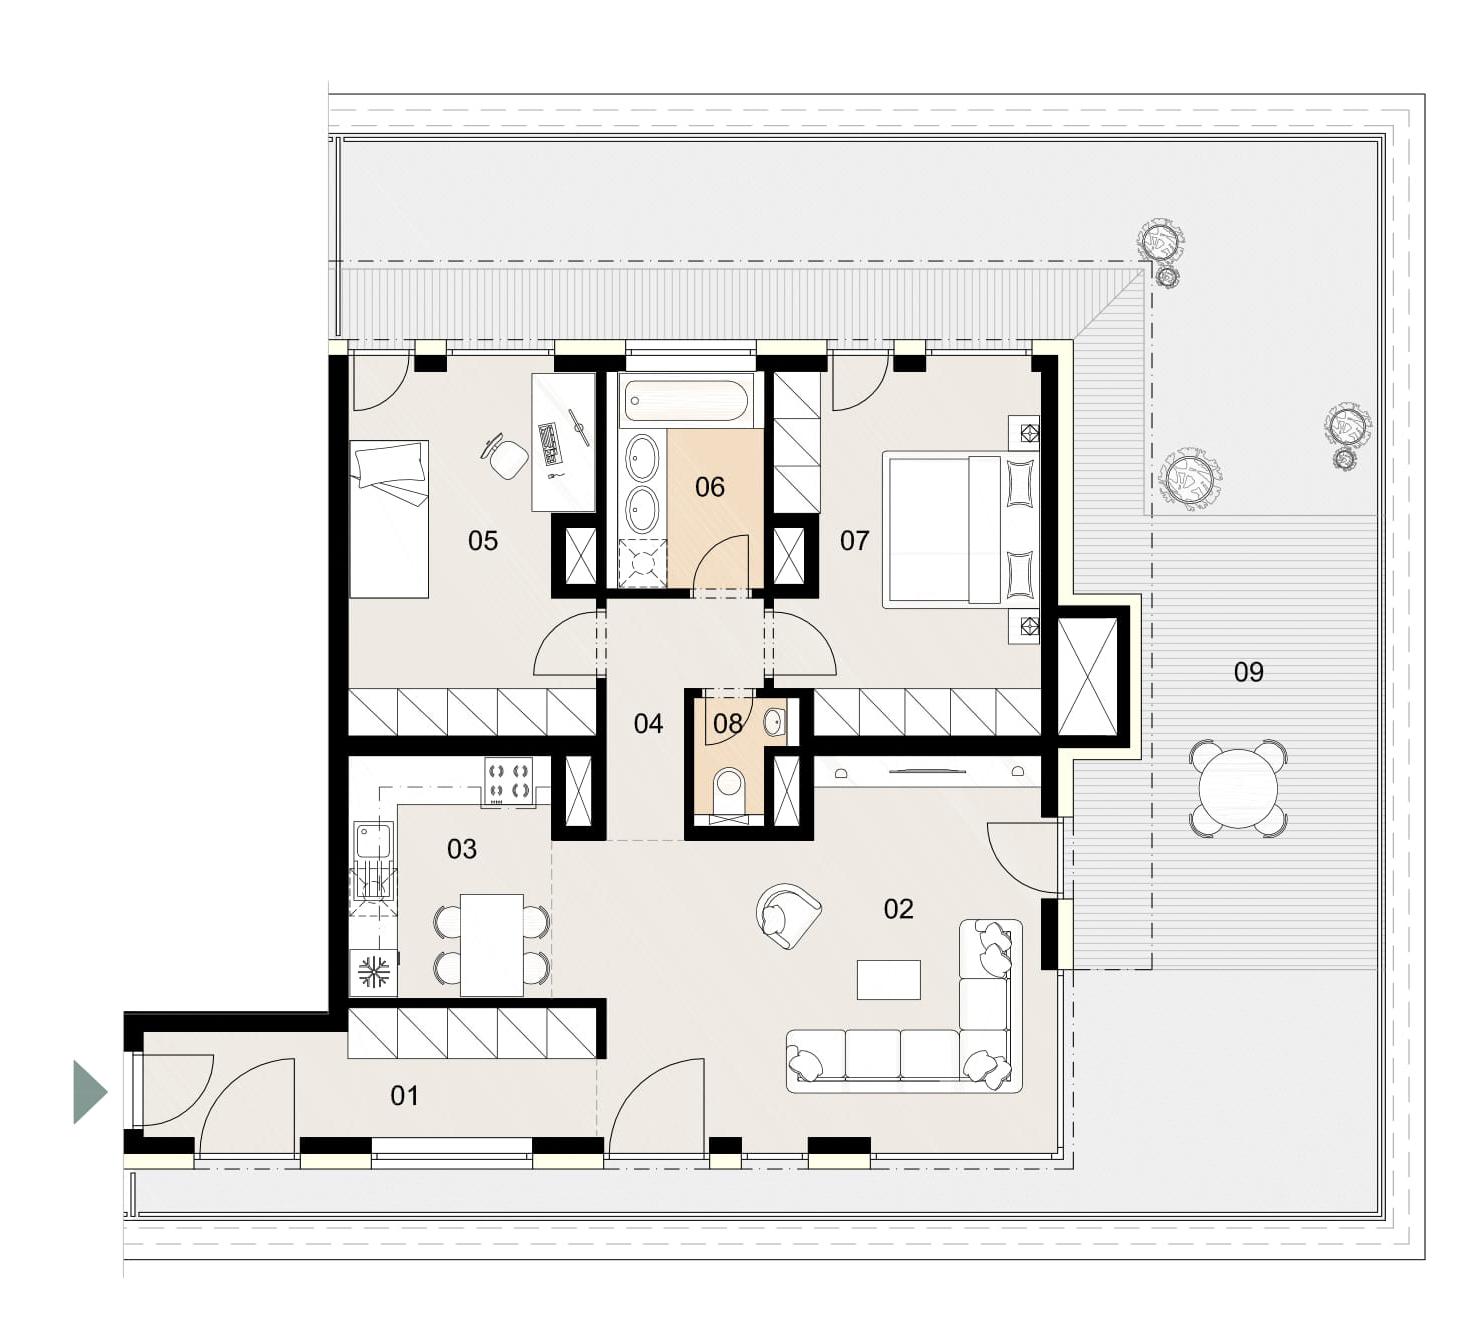 Rosenhaus byt 1101, 3-izbový. Novostavba Vrakuňa.